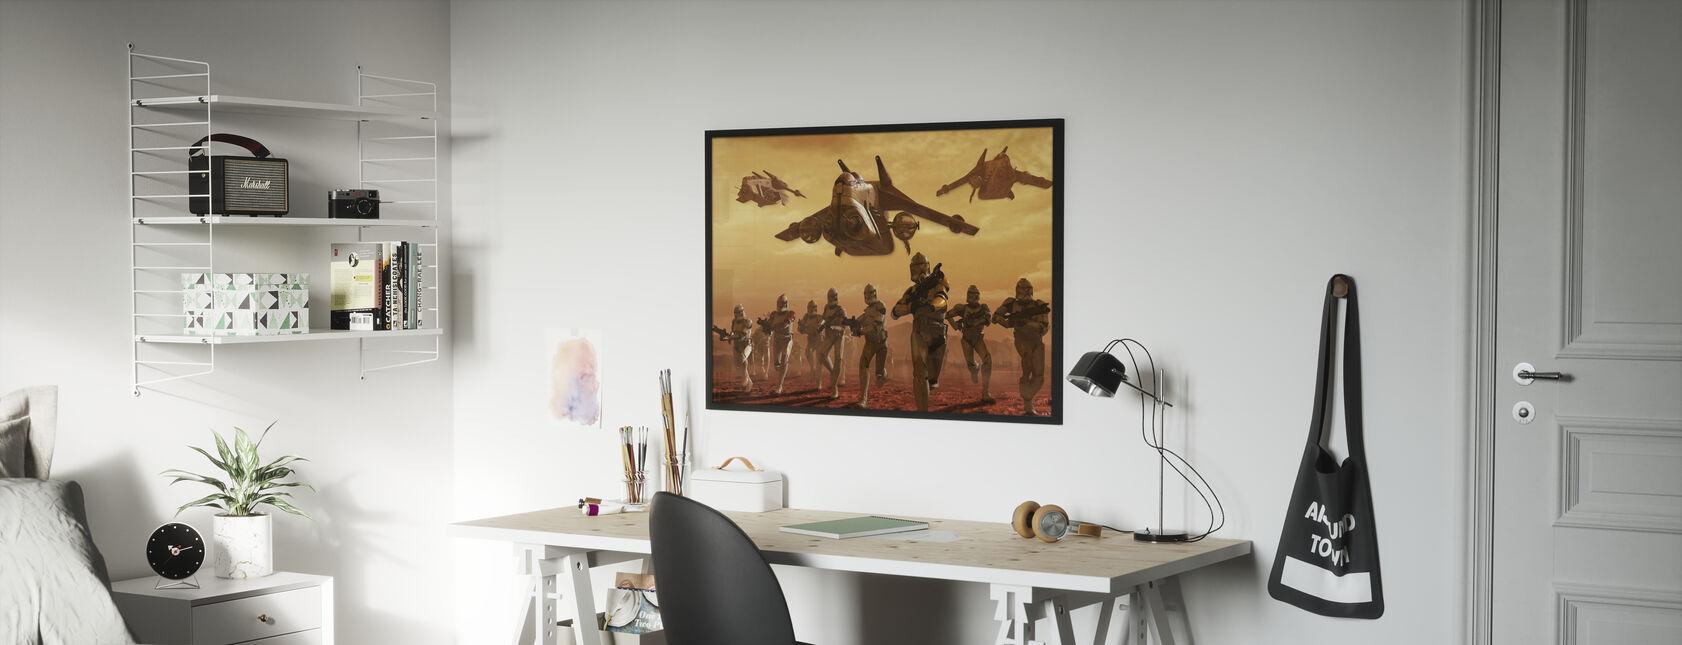 Star Wars - Klooni sotilaat Geonosis - Kehystetty kuva - Lastenhuone